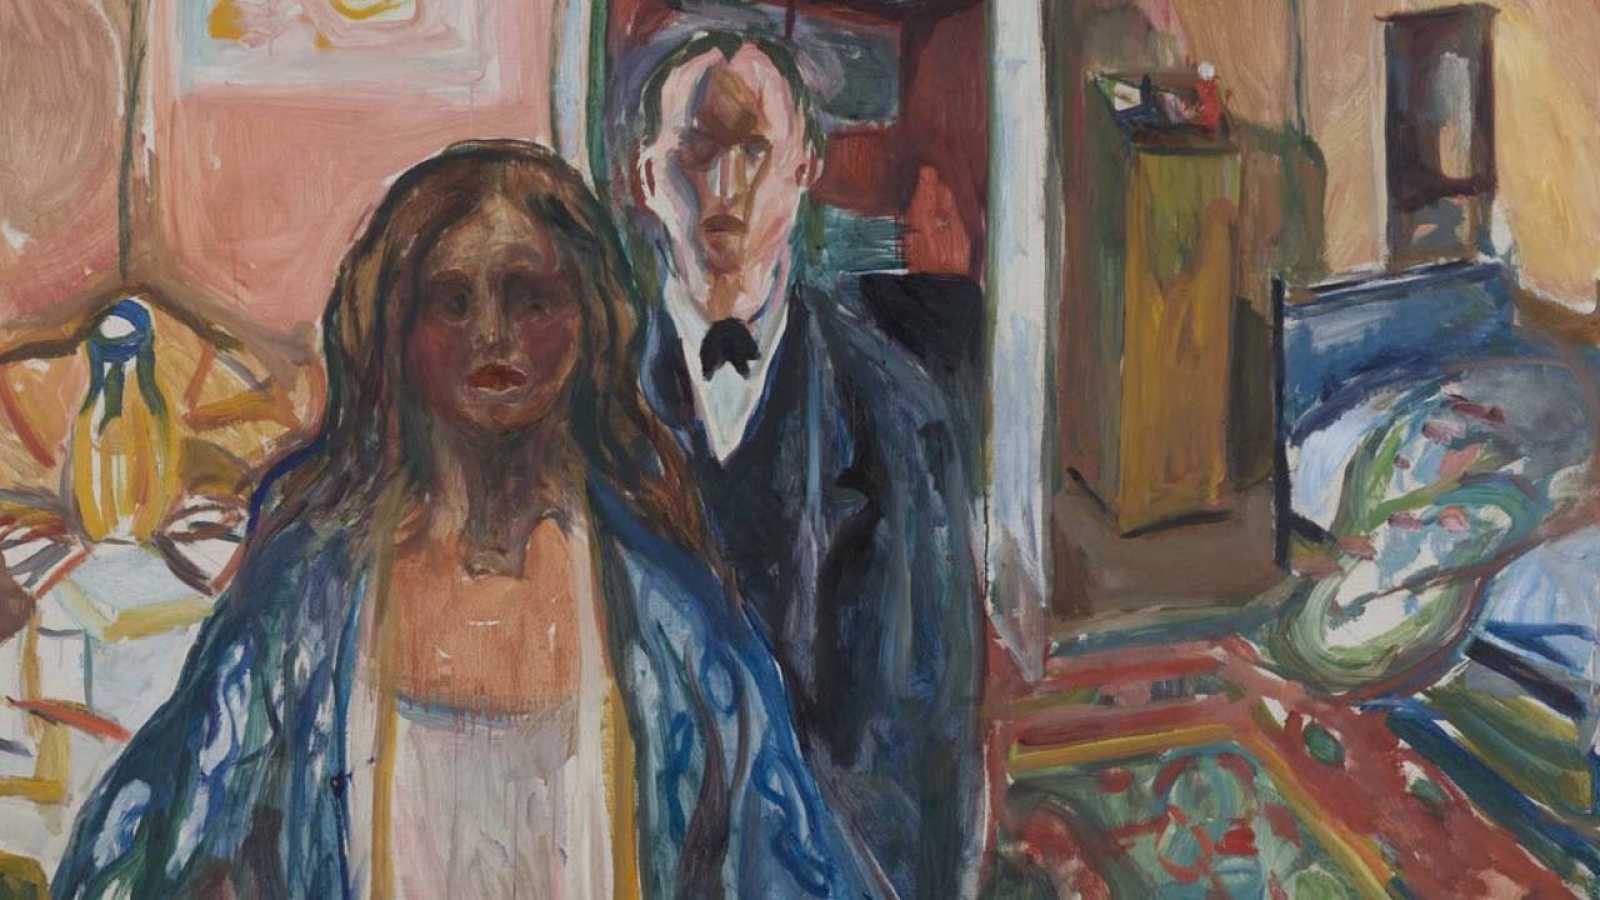 'El artista y la modelo' (1919-1921), Edvard Munch, Munch Museet Oslo.